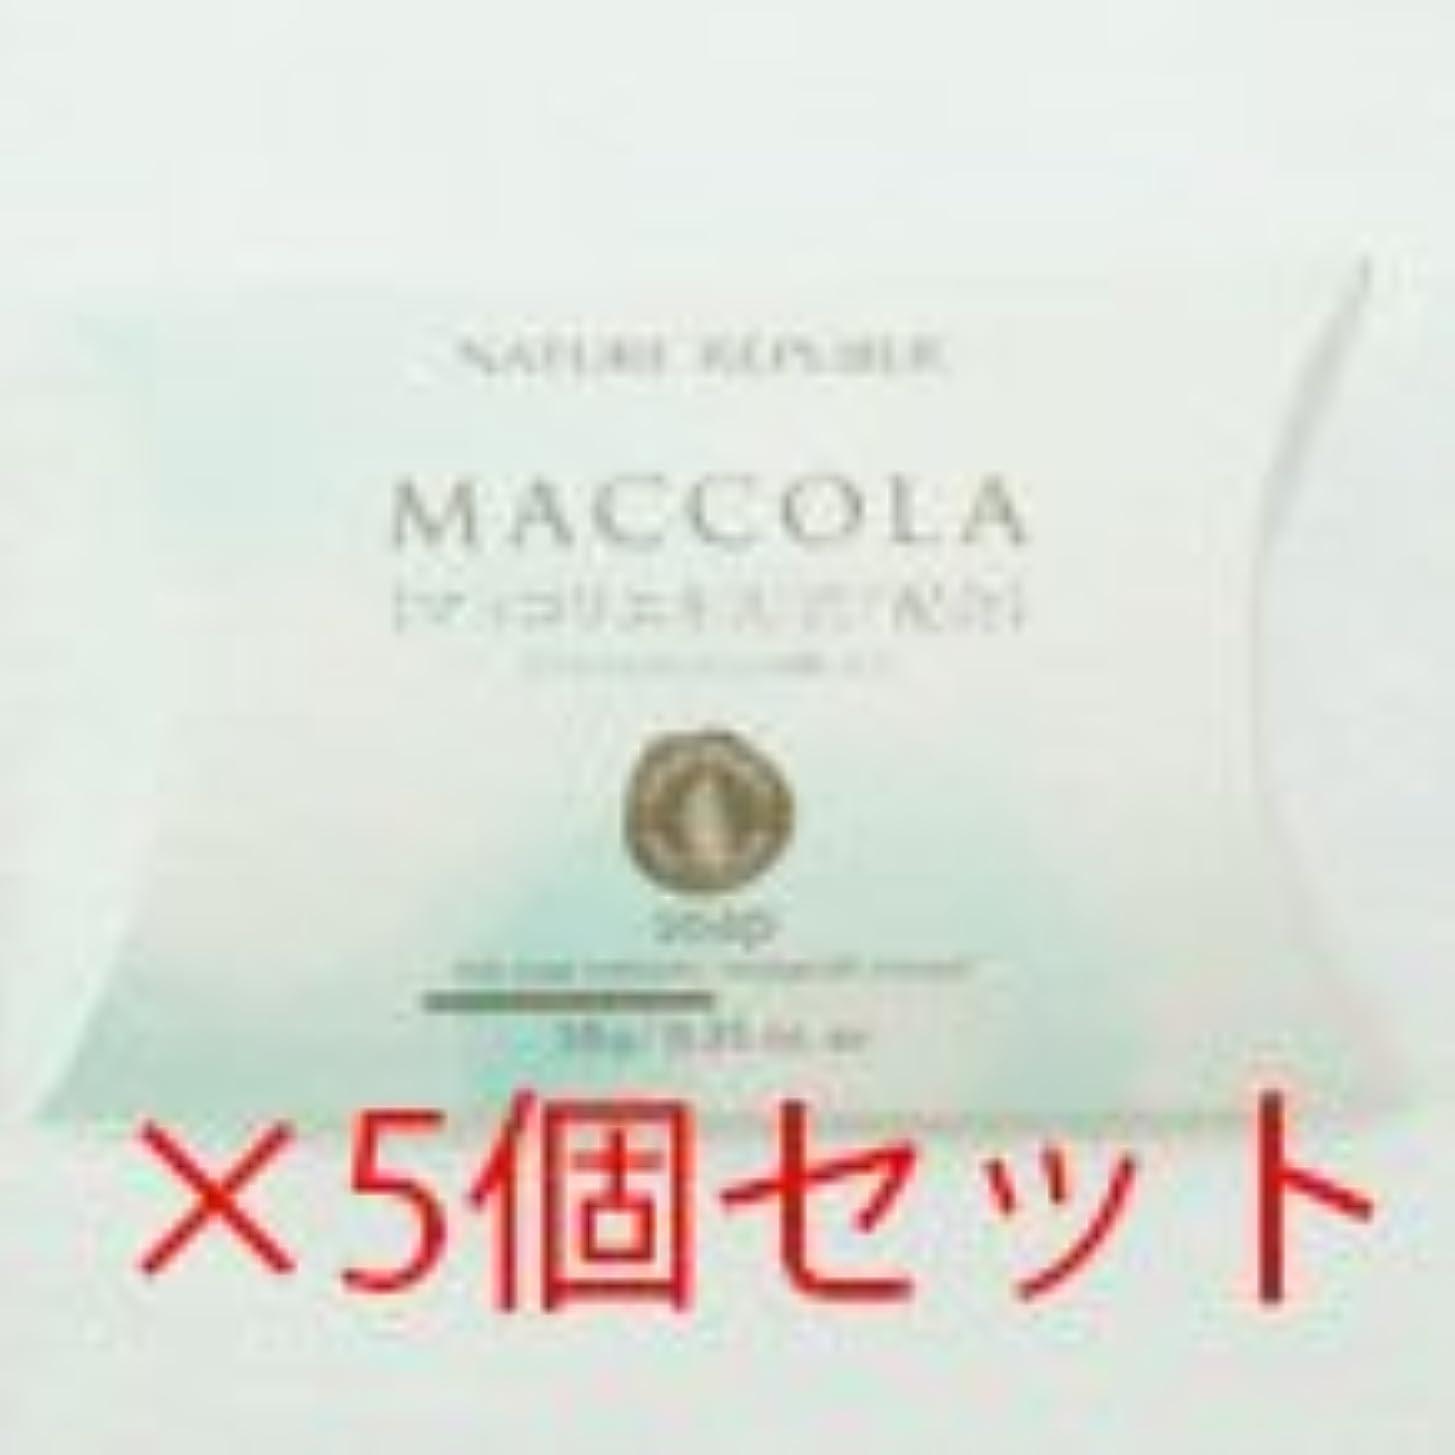 ラッドヤードキップリングエキゾチック特別にネイチャーリパブリック NATURE REPUBLIC (正規品) ネイチャーリパブリック マッコラ ソープ 10g×5